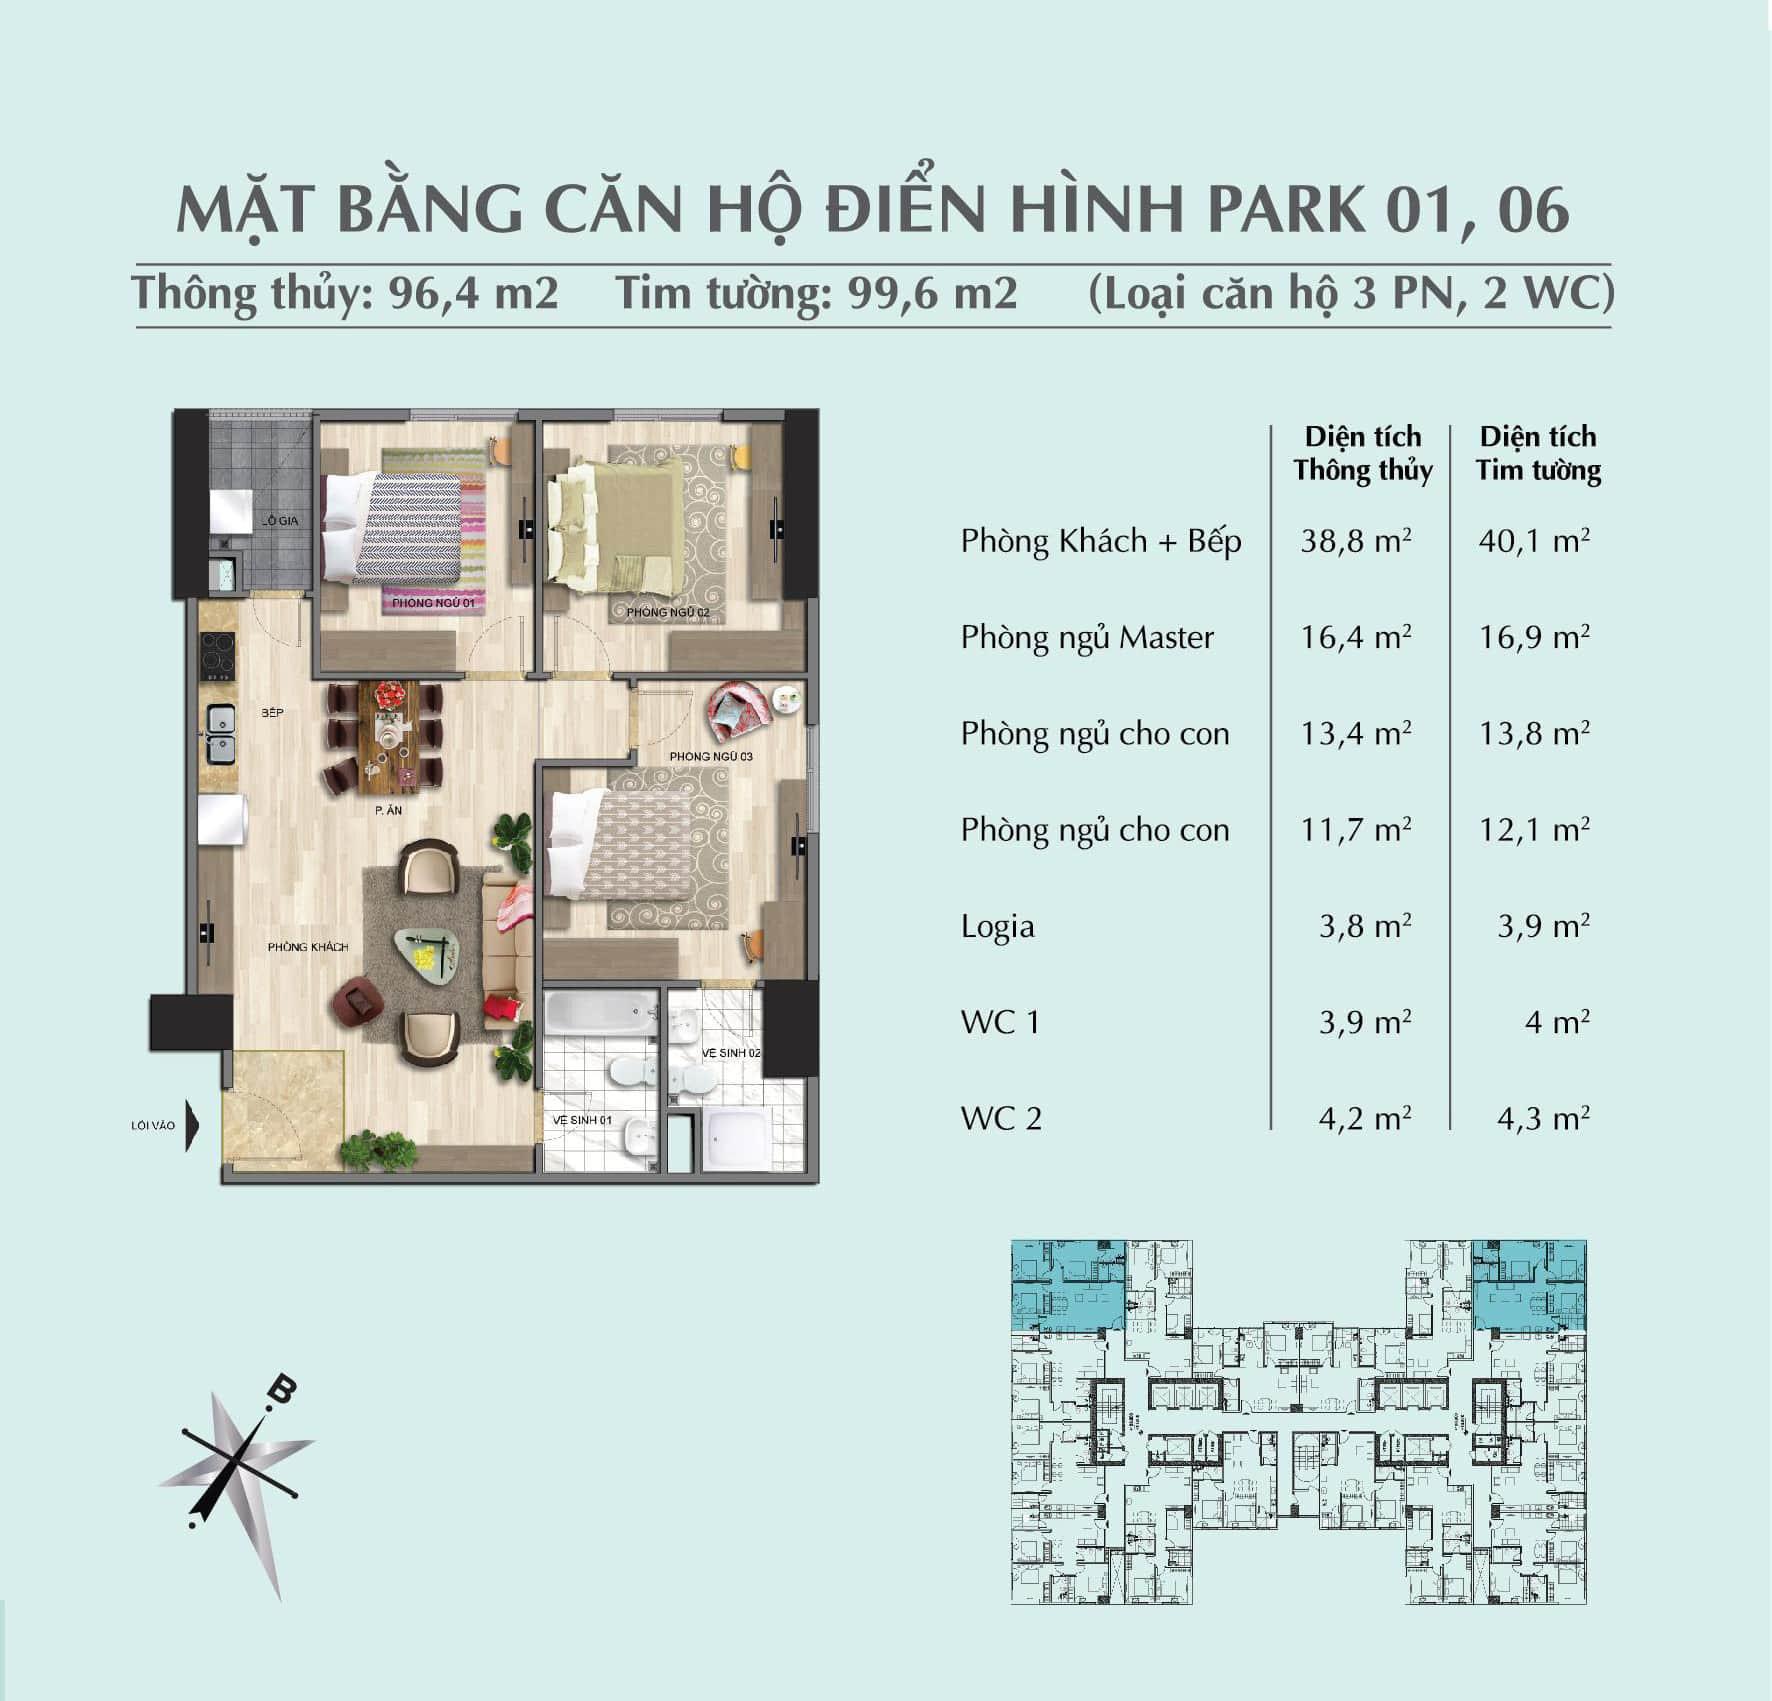 Thiết kế căn 96,4 m2 tòa Park 1 + 2 + 3